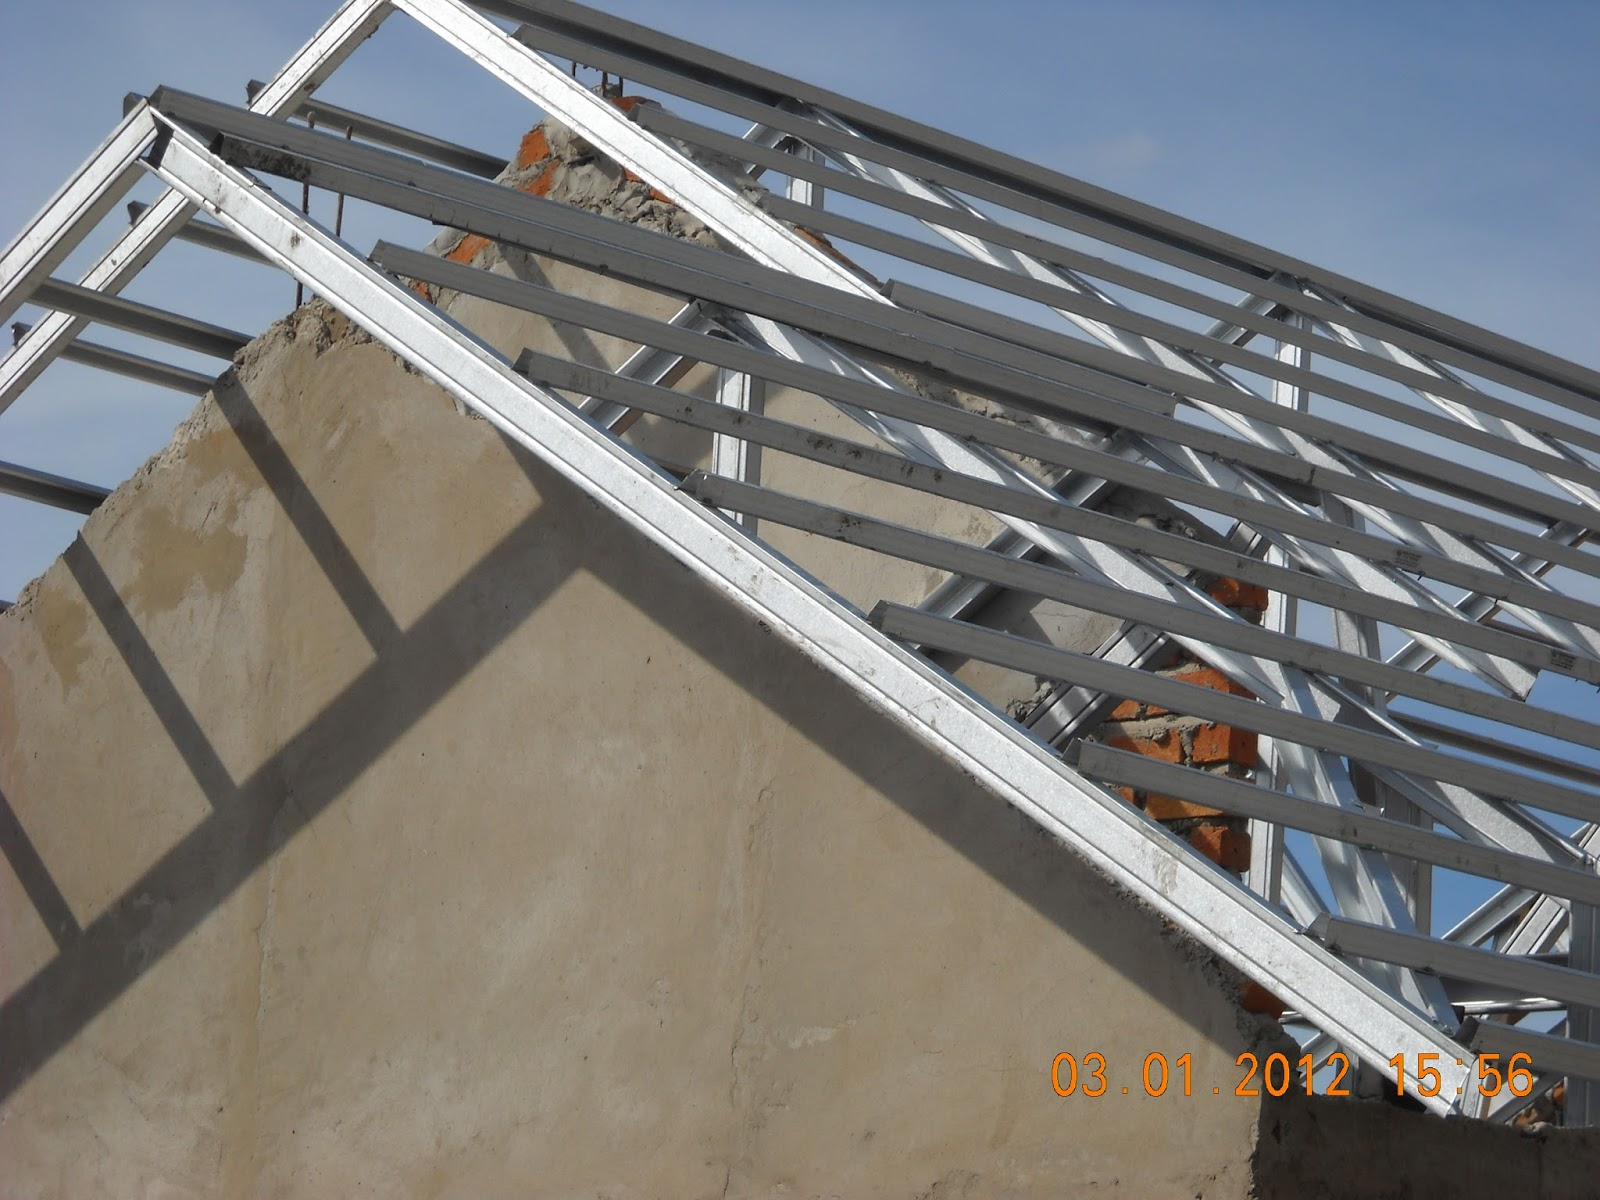 harga rangka atap baja ringan di malang cara menghitung ukuran & biaya - galvalum ...